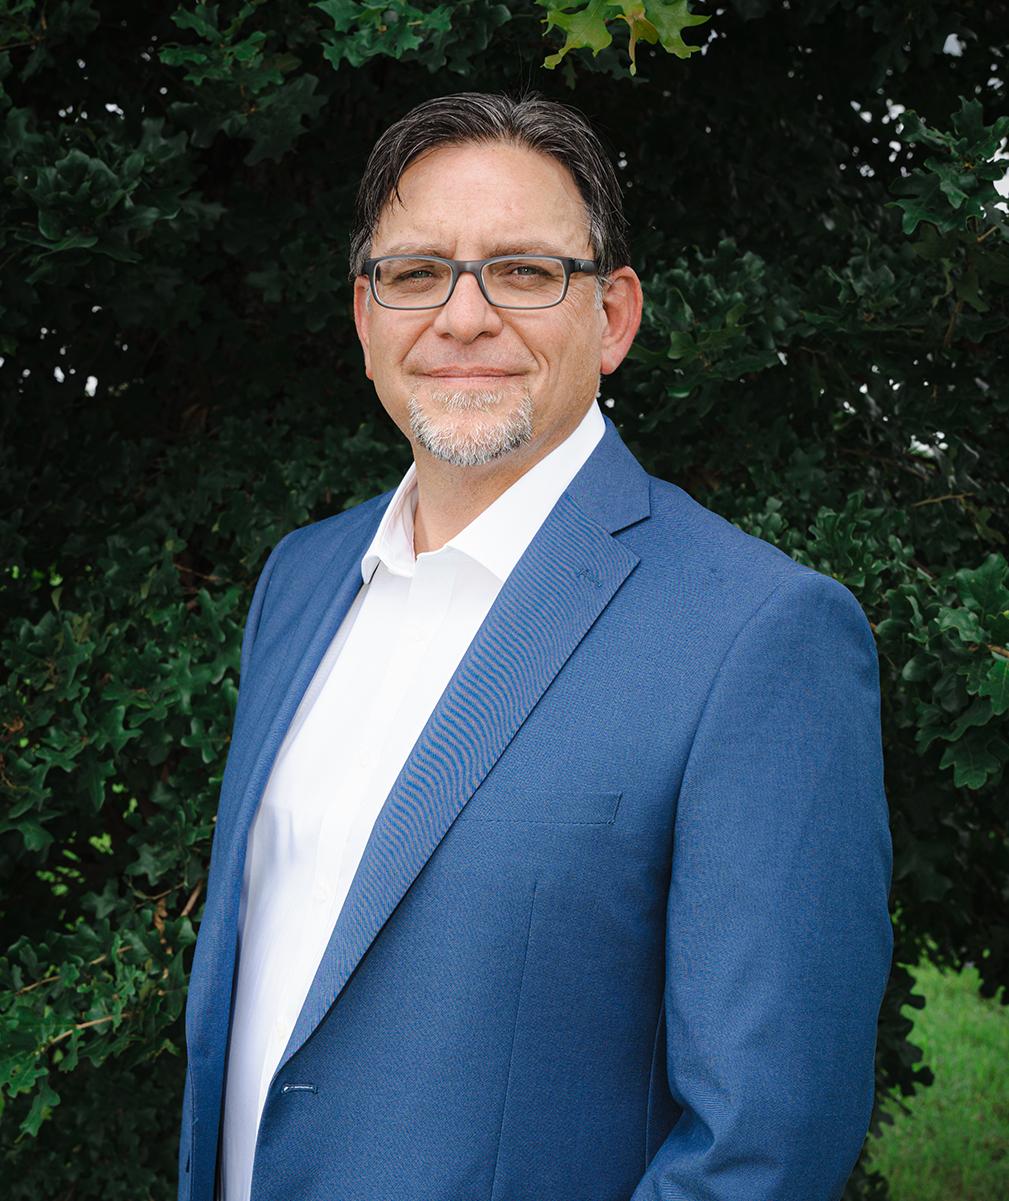 Mark Wharton